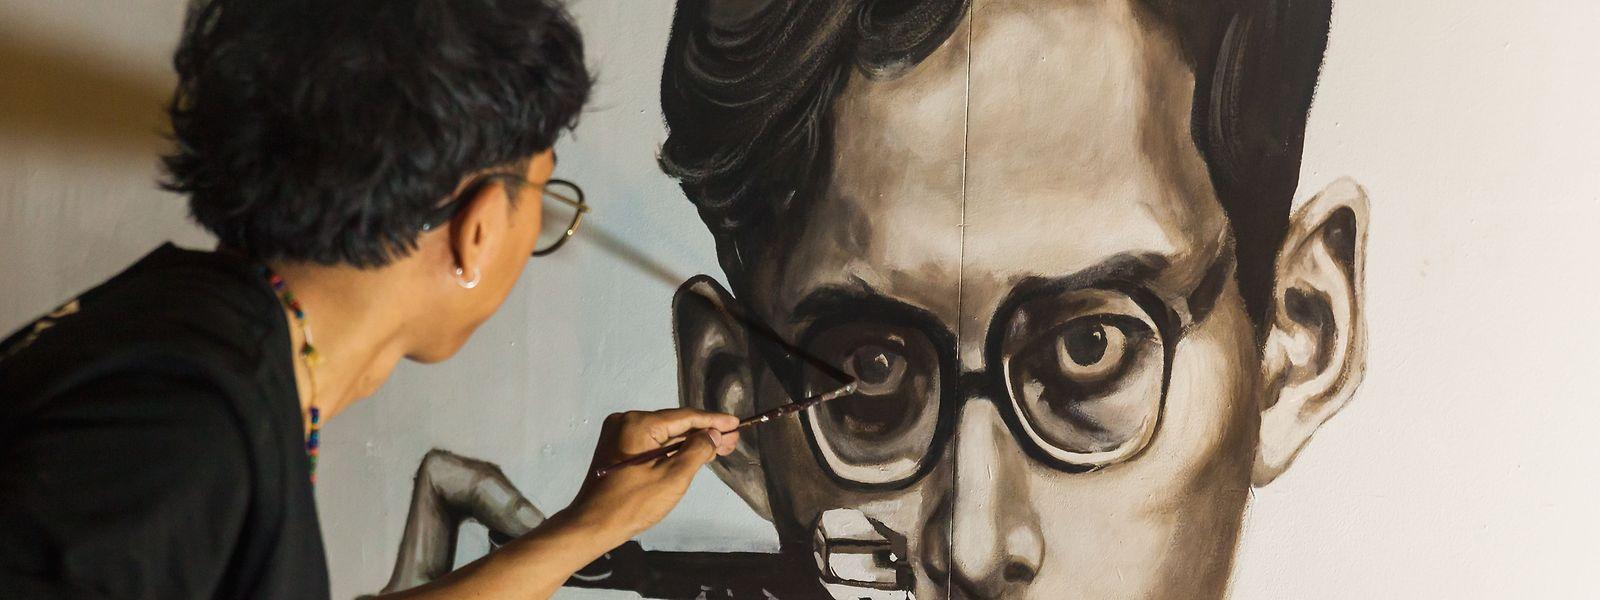 Der verstorbene König Bhumibol ist auch mehrere Monate nach seinem Tod noch im Stadtbild Bangkoks omni-präsent – hier etwa auf einem Wandbild an der Silpakorn-Universität.